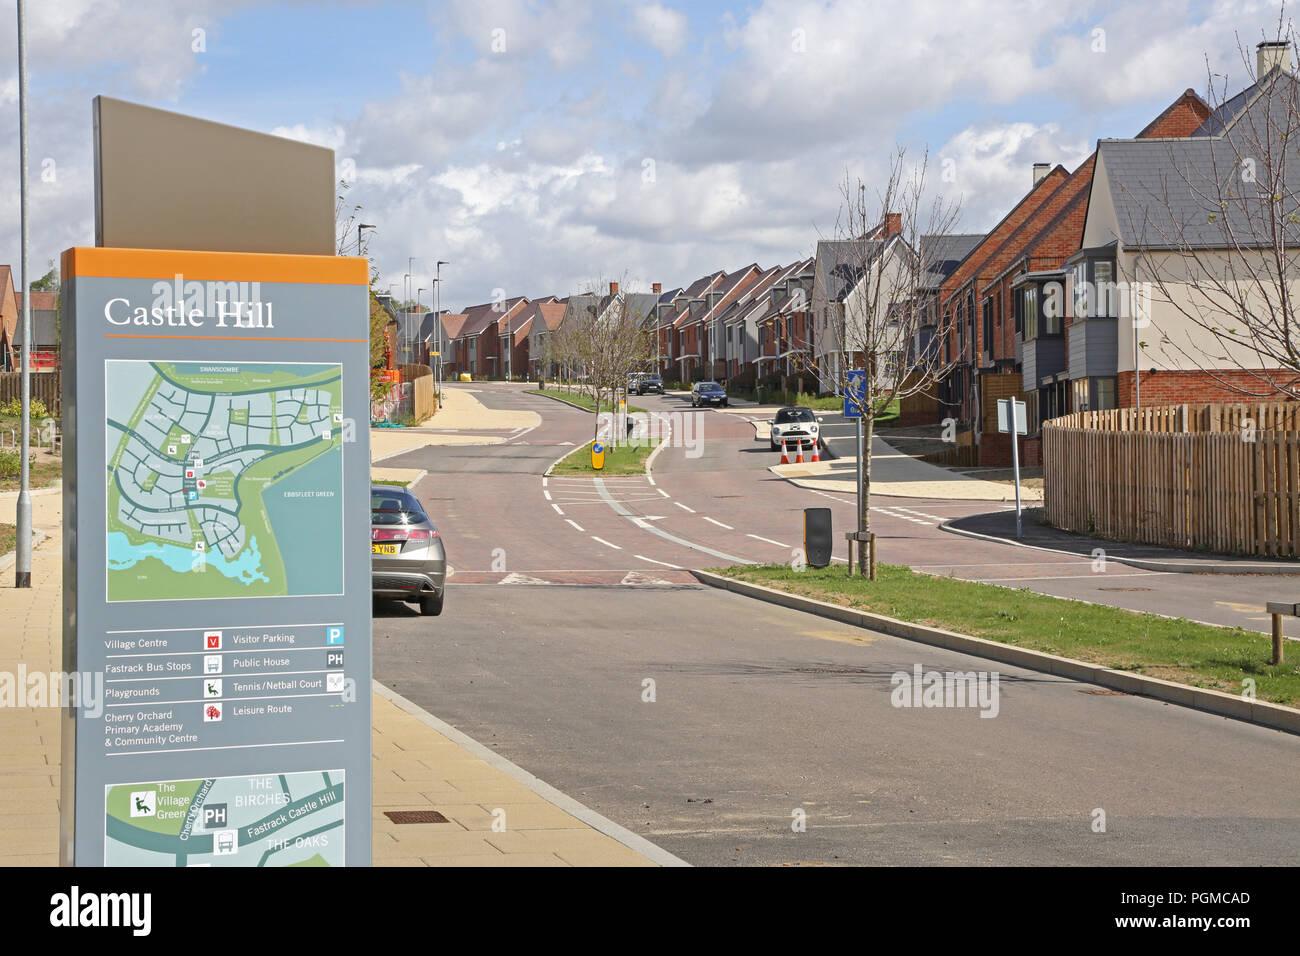 Neu gebaute Häuser in der Castle Hill Viertel von ebbsfleet Garden City, südöstlich von London, UK. Zeigt lokale Karte mit neuen Häusern darüber hinaus. Stockbild